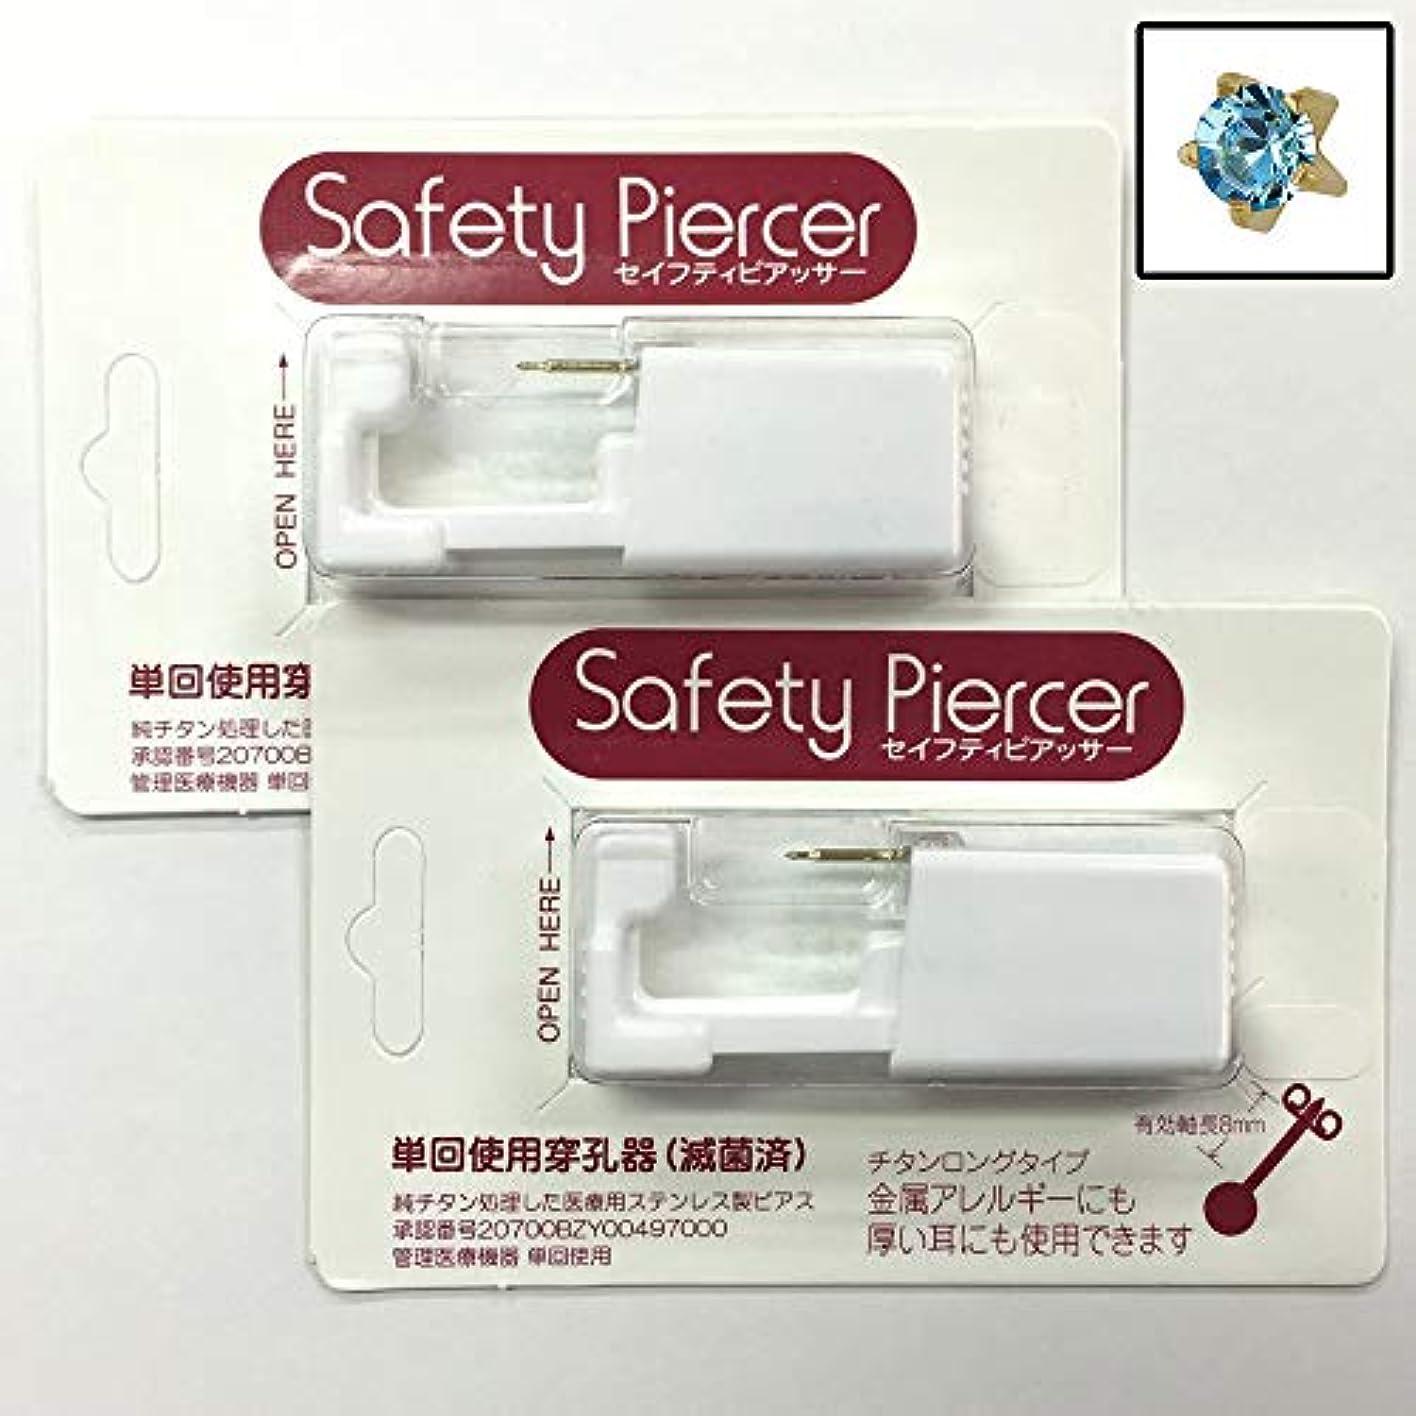 血色の良い負荷候補者セイフティピアッサー シャンパンカラー(純チタン処理) 3mm アクアマリン色 5M103ZL(2個セット)